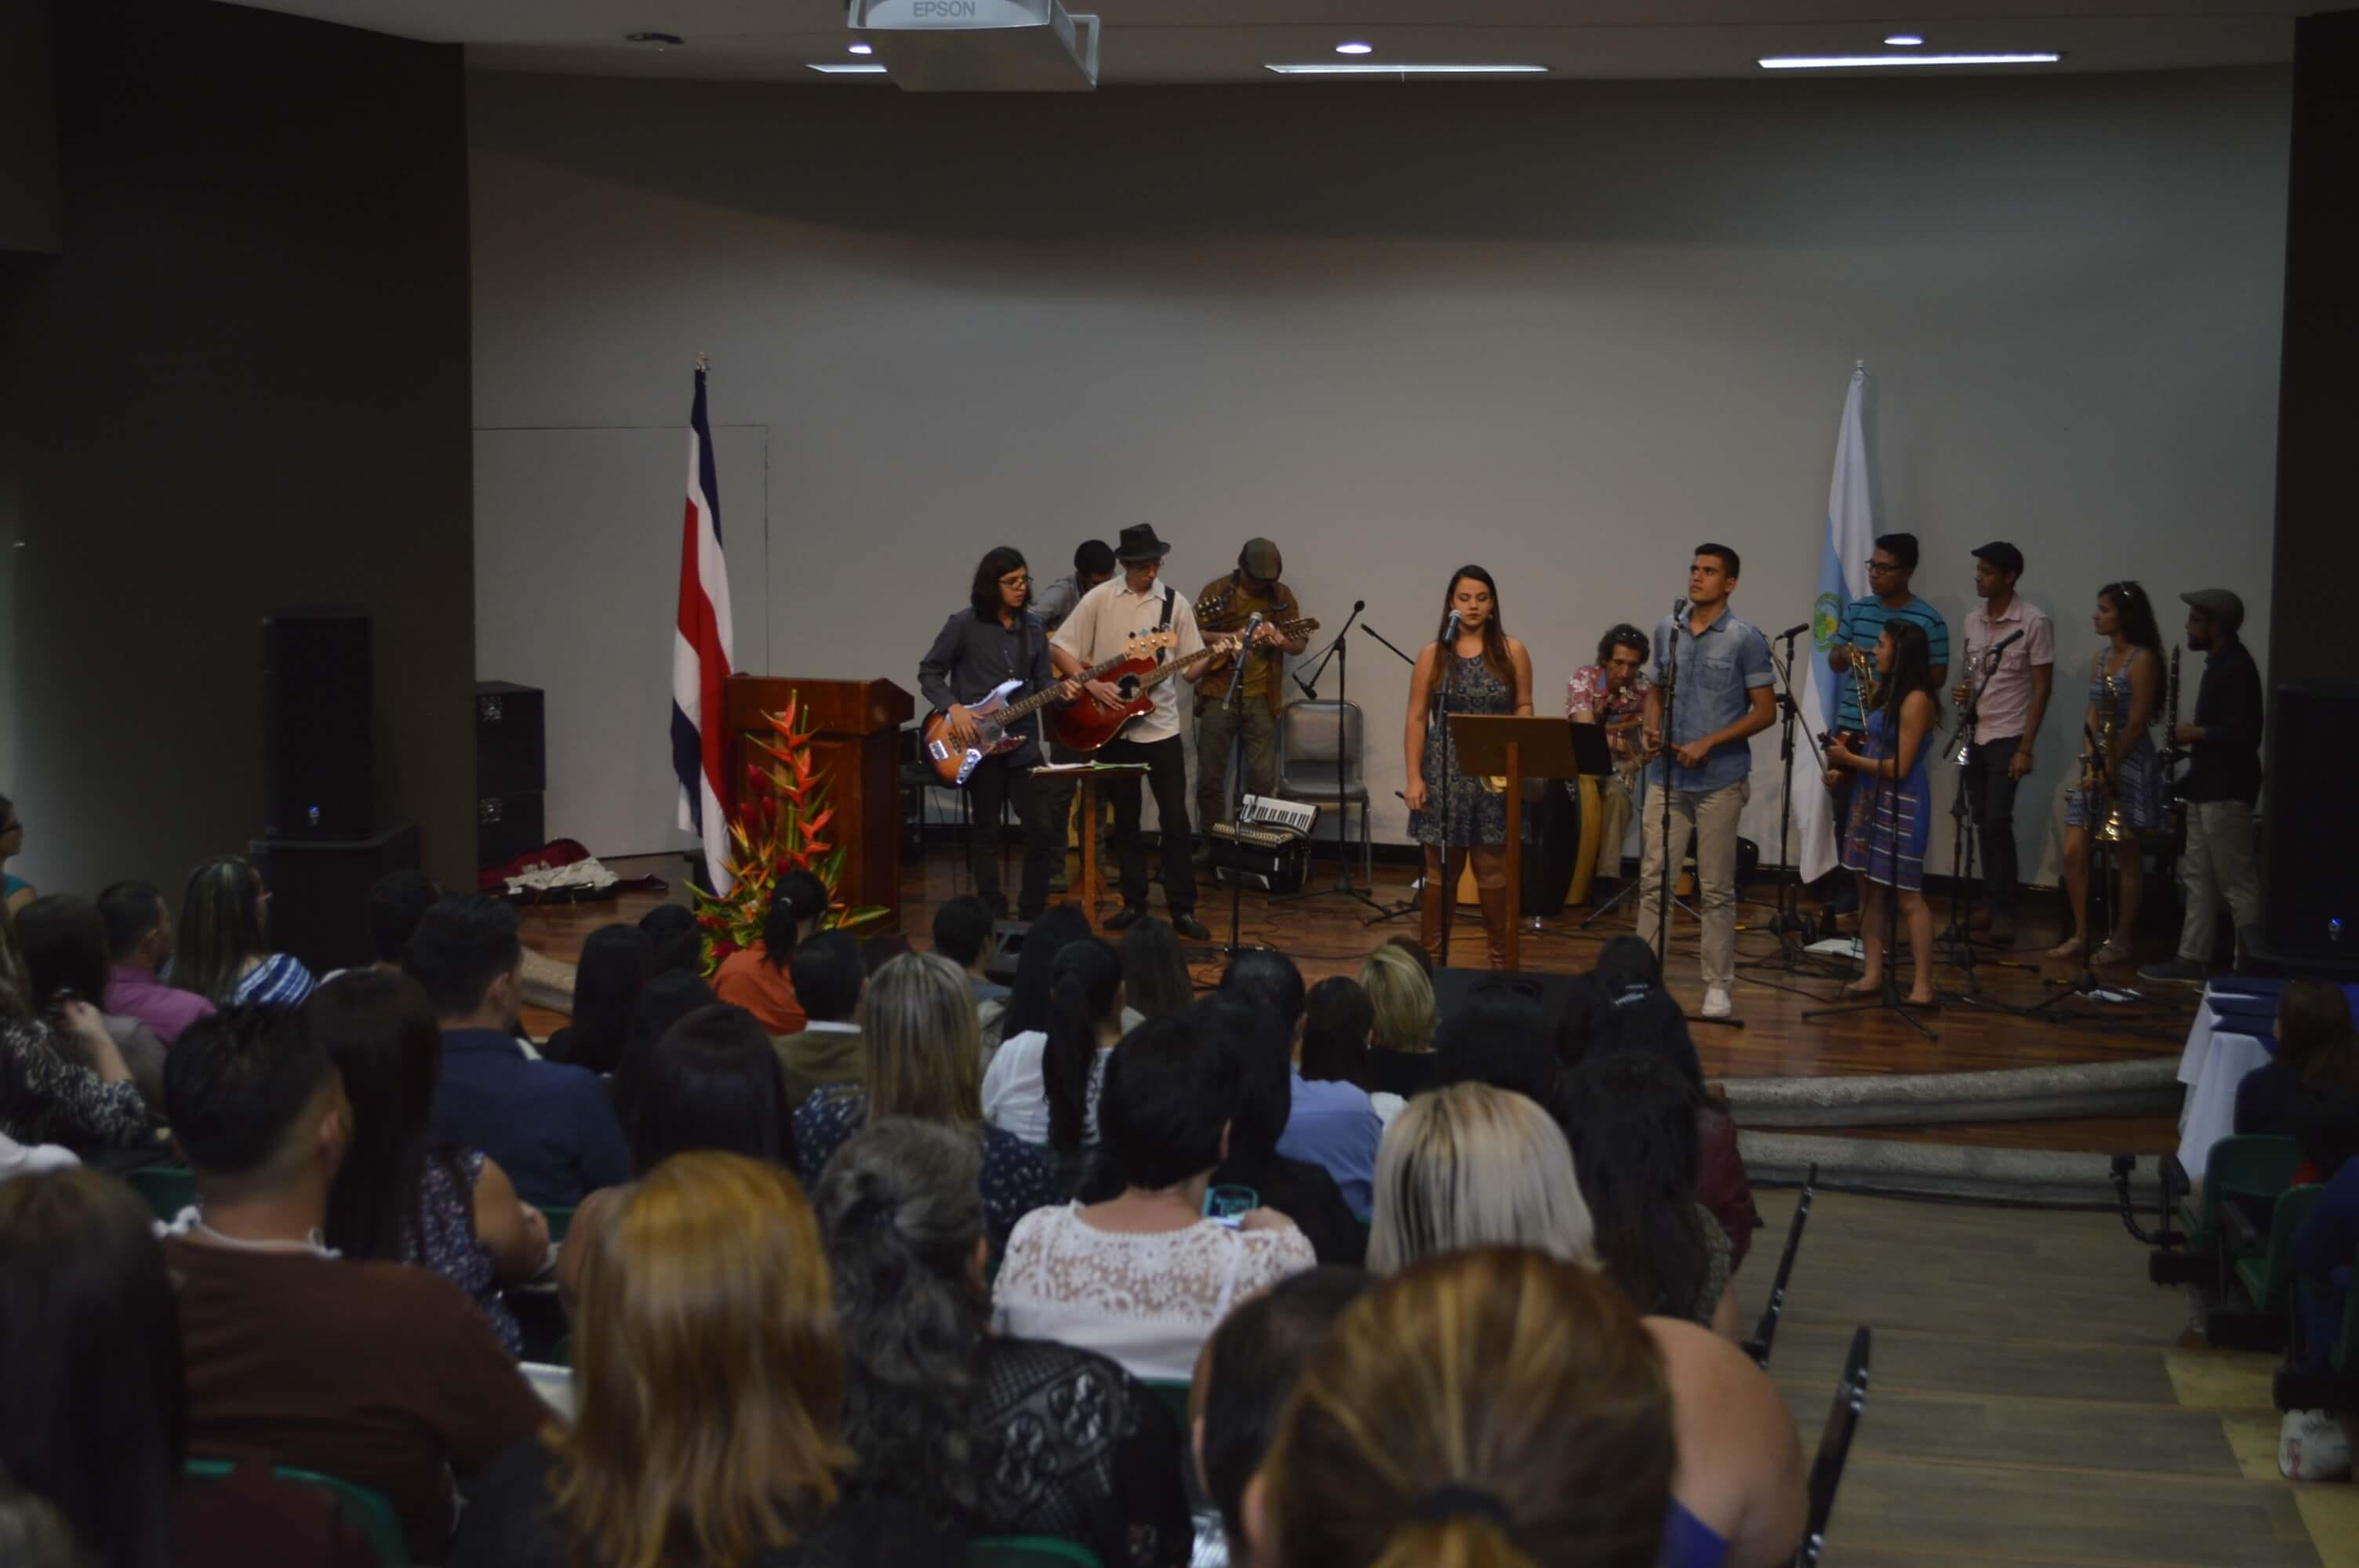 En la graduación hubo una actividad artística a cargo del grupo TAFOREM. TAFOREM es una agrupación musical perteneciente al Área de Prácticas Artísticas de la Vicerrectoría de Vida Estudiantil, de la Universidad de Costa Rica. Foto: Jafeth Mora